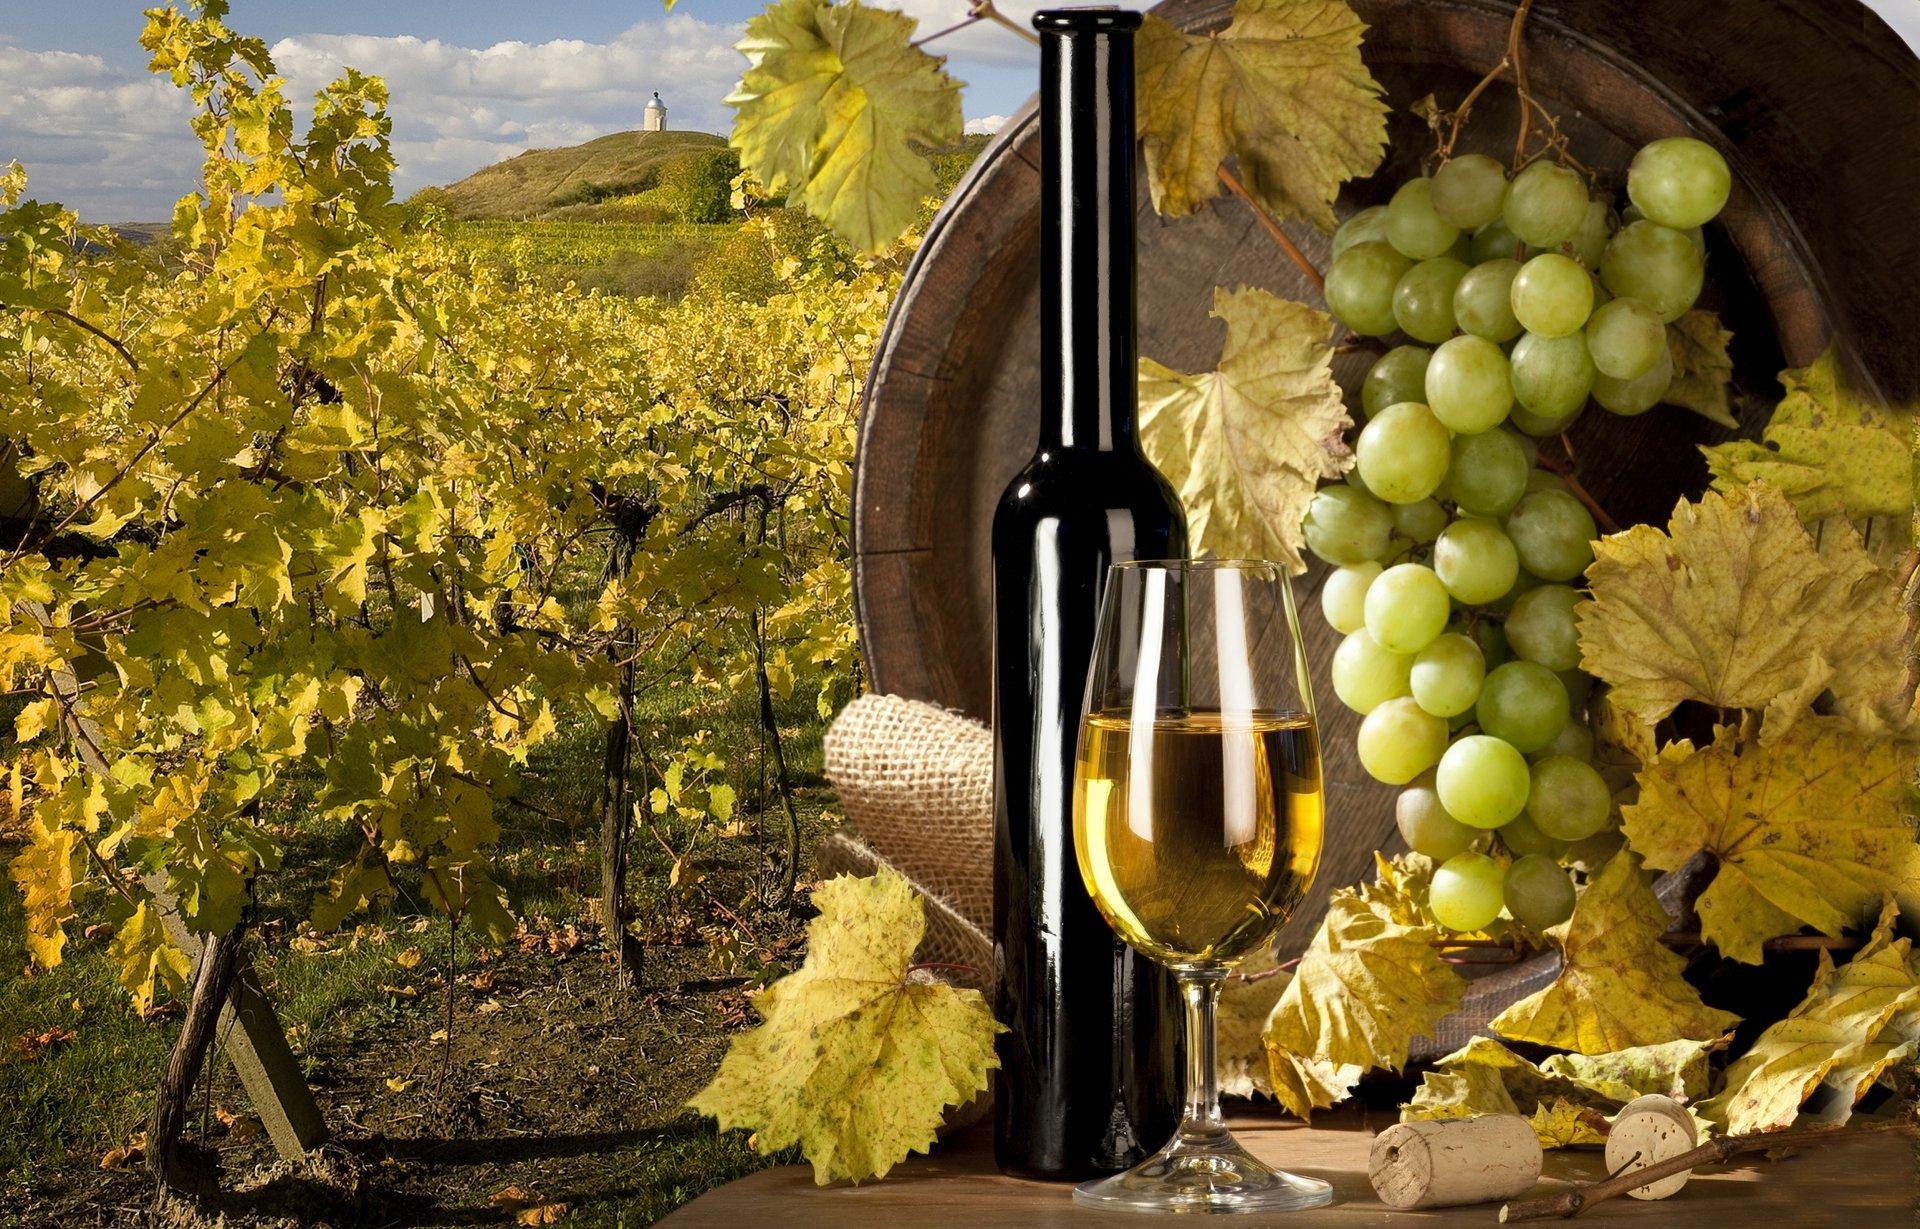 Обои Бутылки, бочки, виноградники, виноград, вино. Разное foto 17